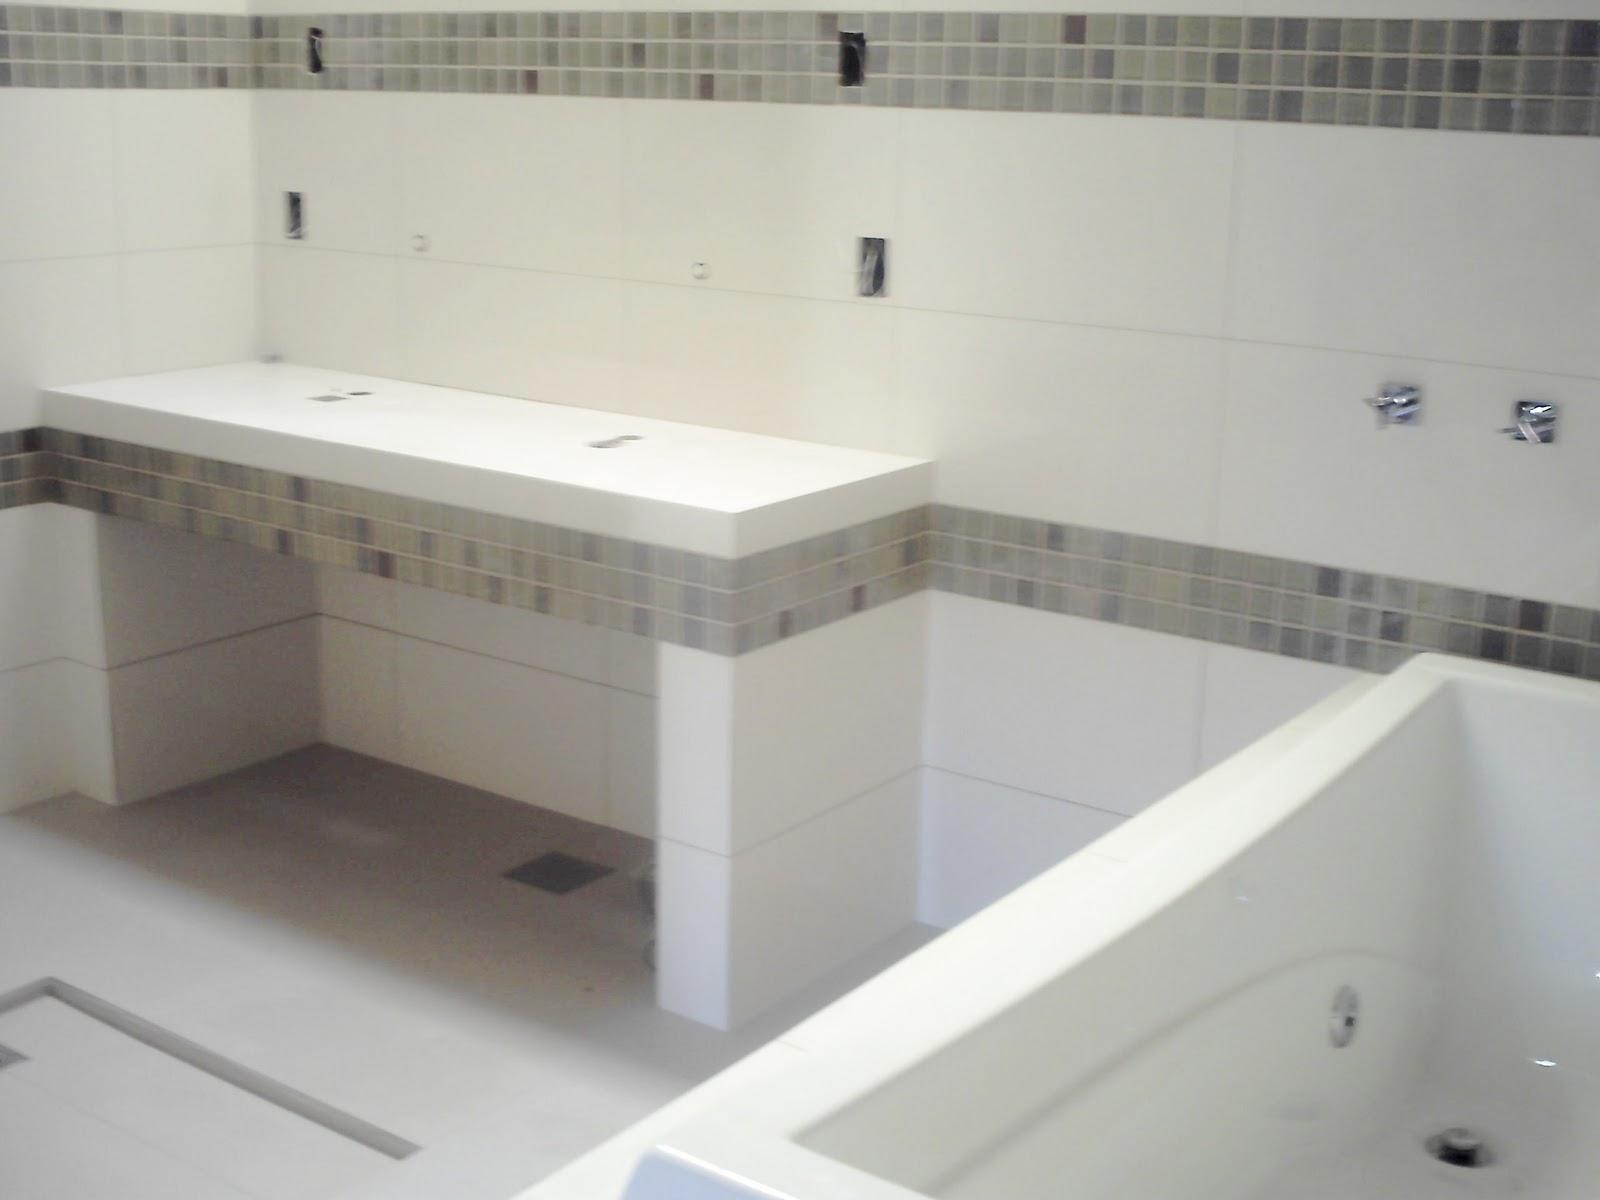 JRC Renovando : Reforma em banheiro #5B514A 1600x1200 Bancada Banheiro Concreto